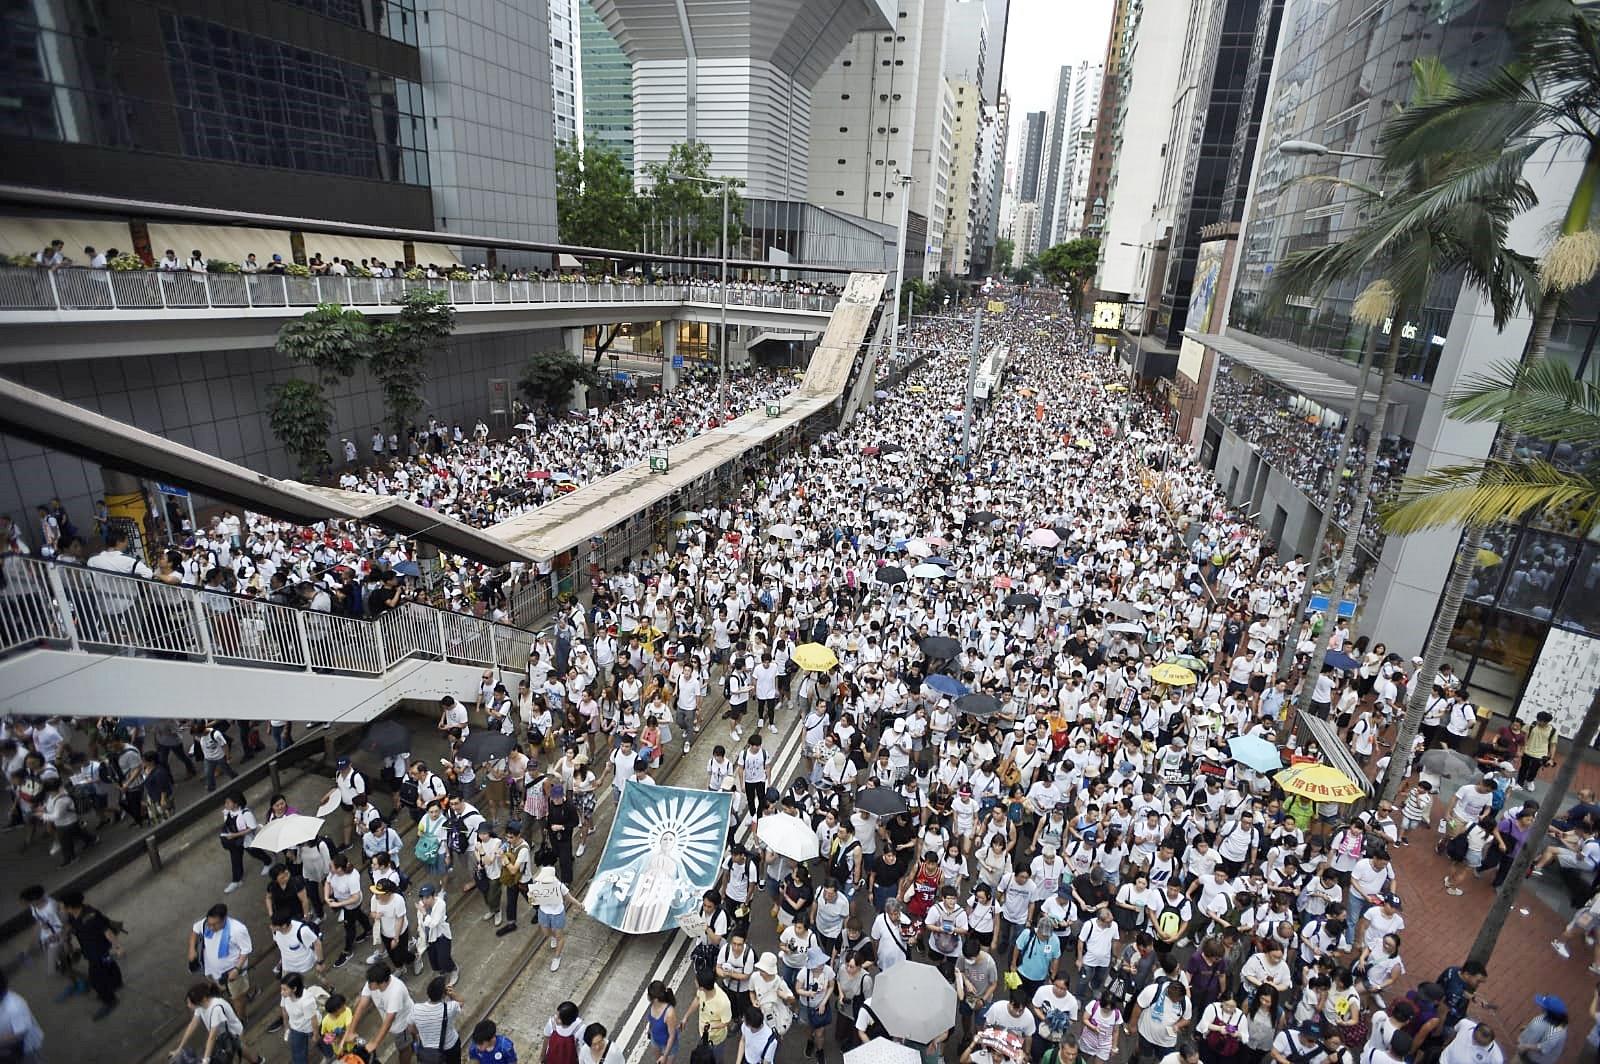 人群淹沒整條馬路。